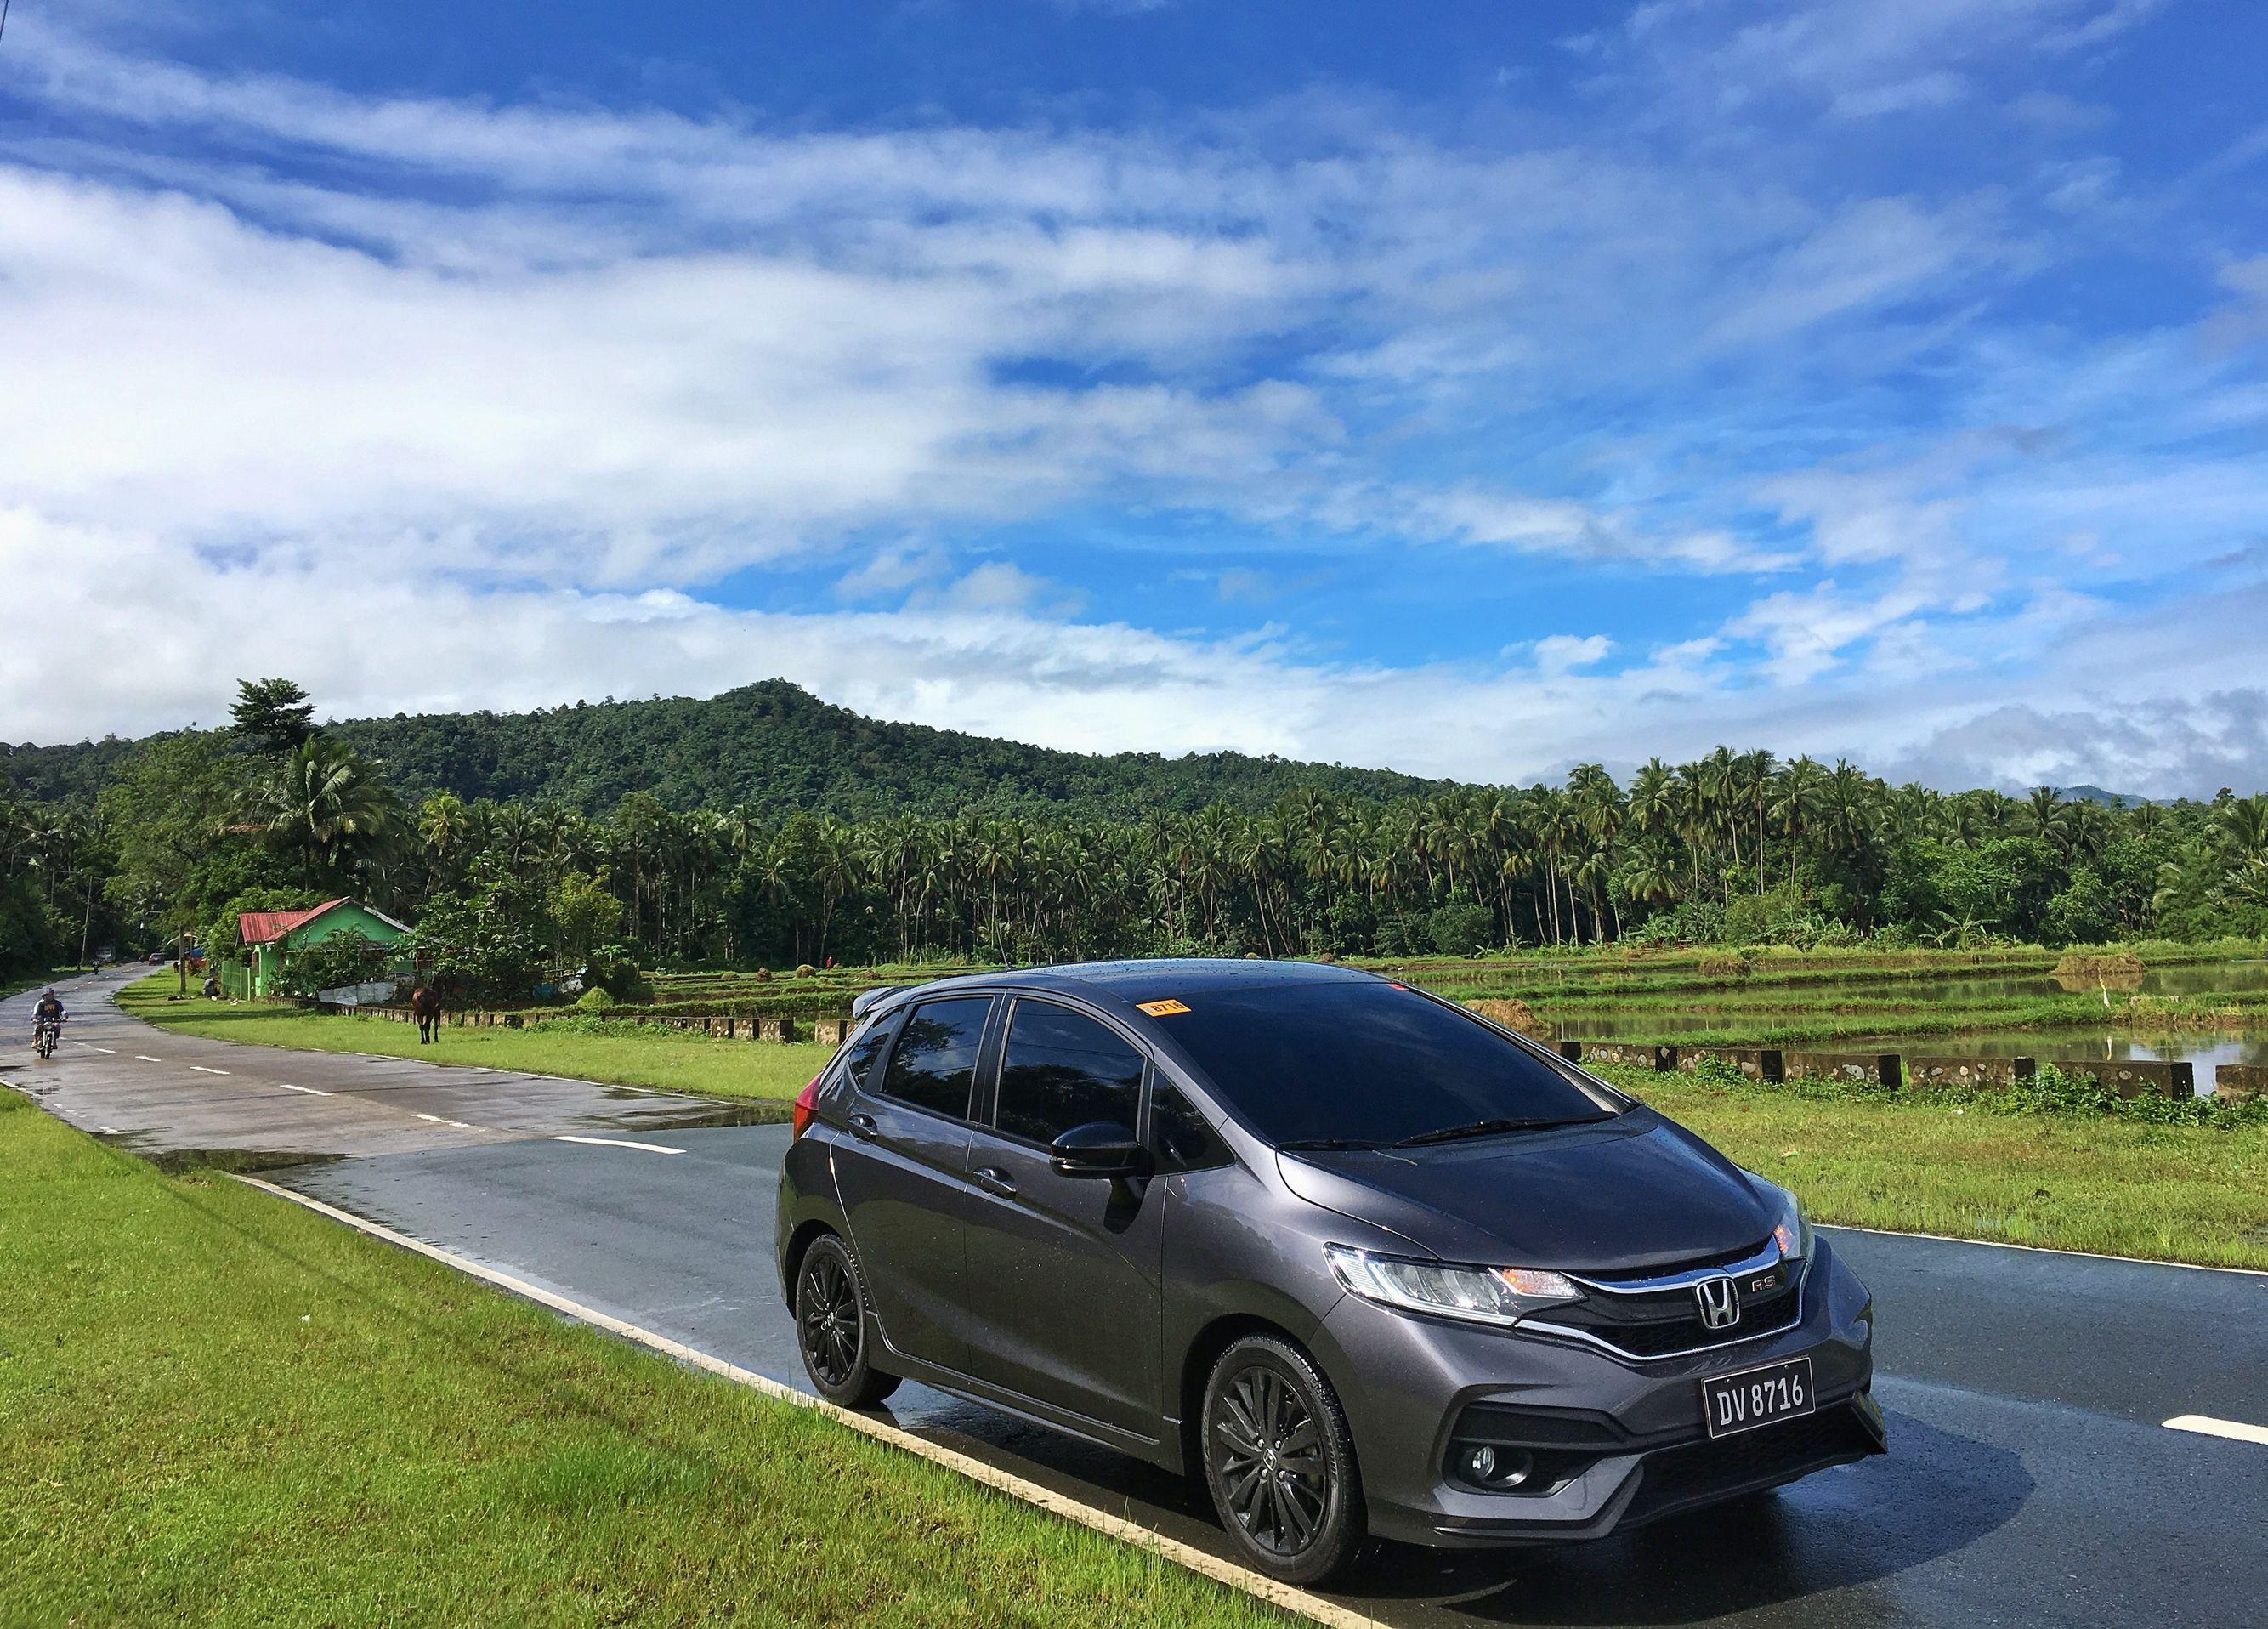 Honda Jazz Rs 2018 Sampaloc Quezon Philippines 2017 Honda